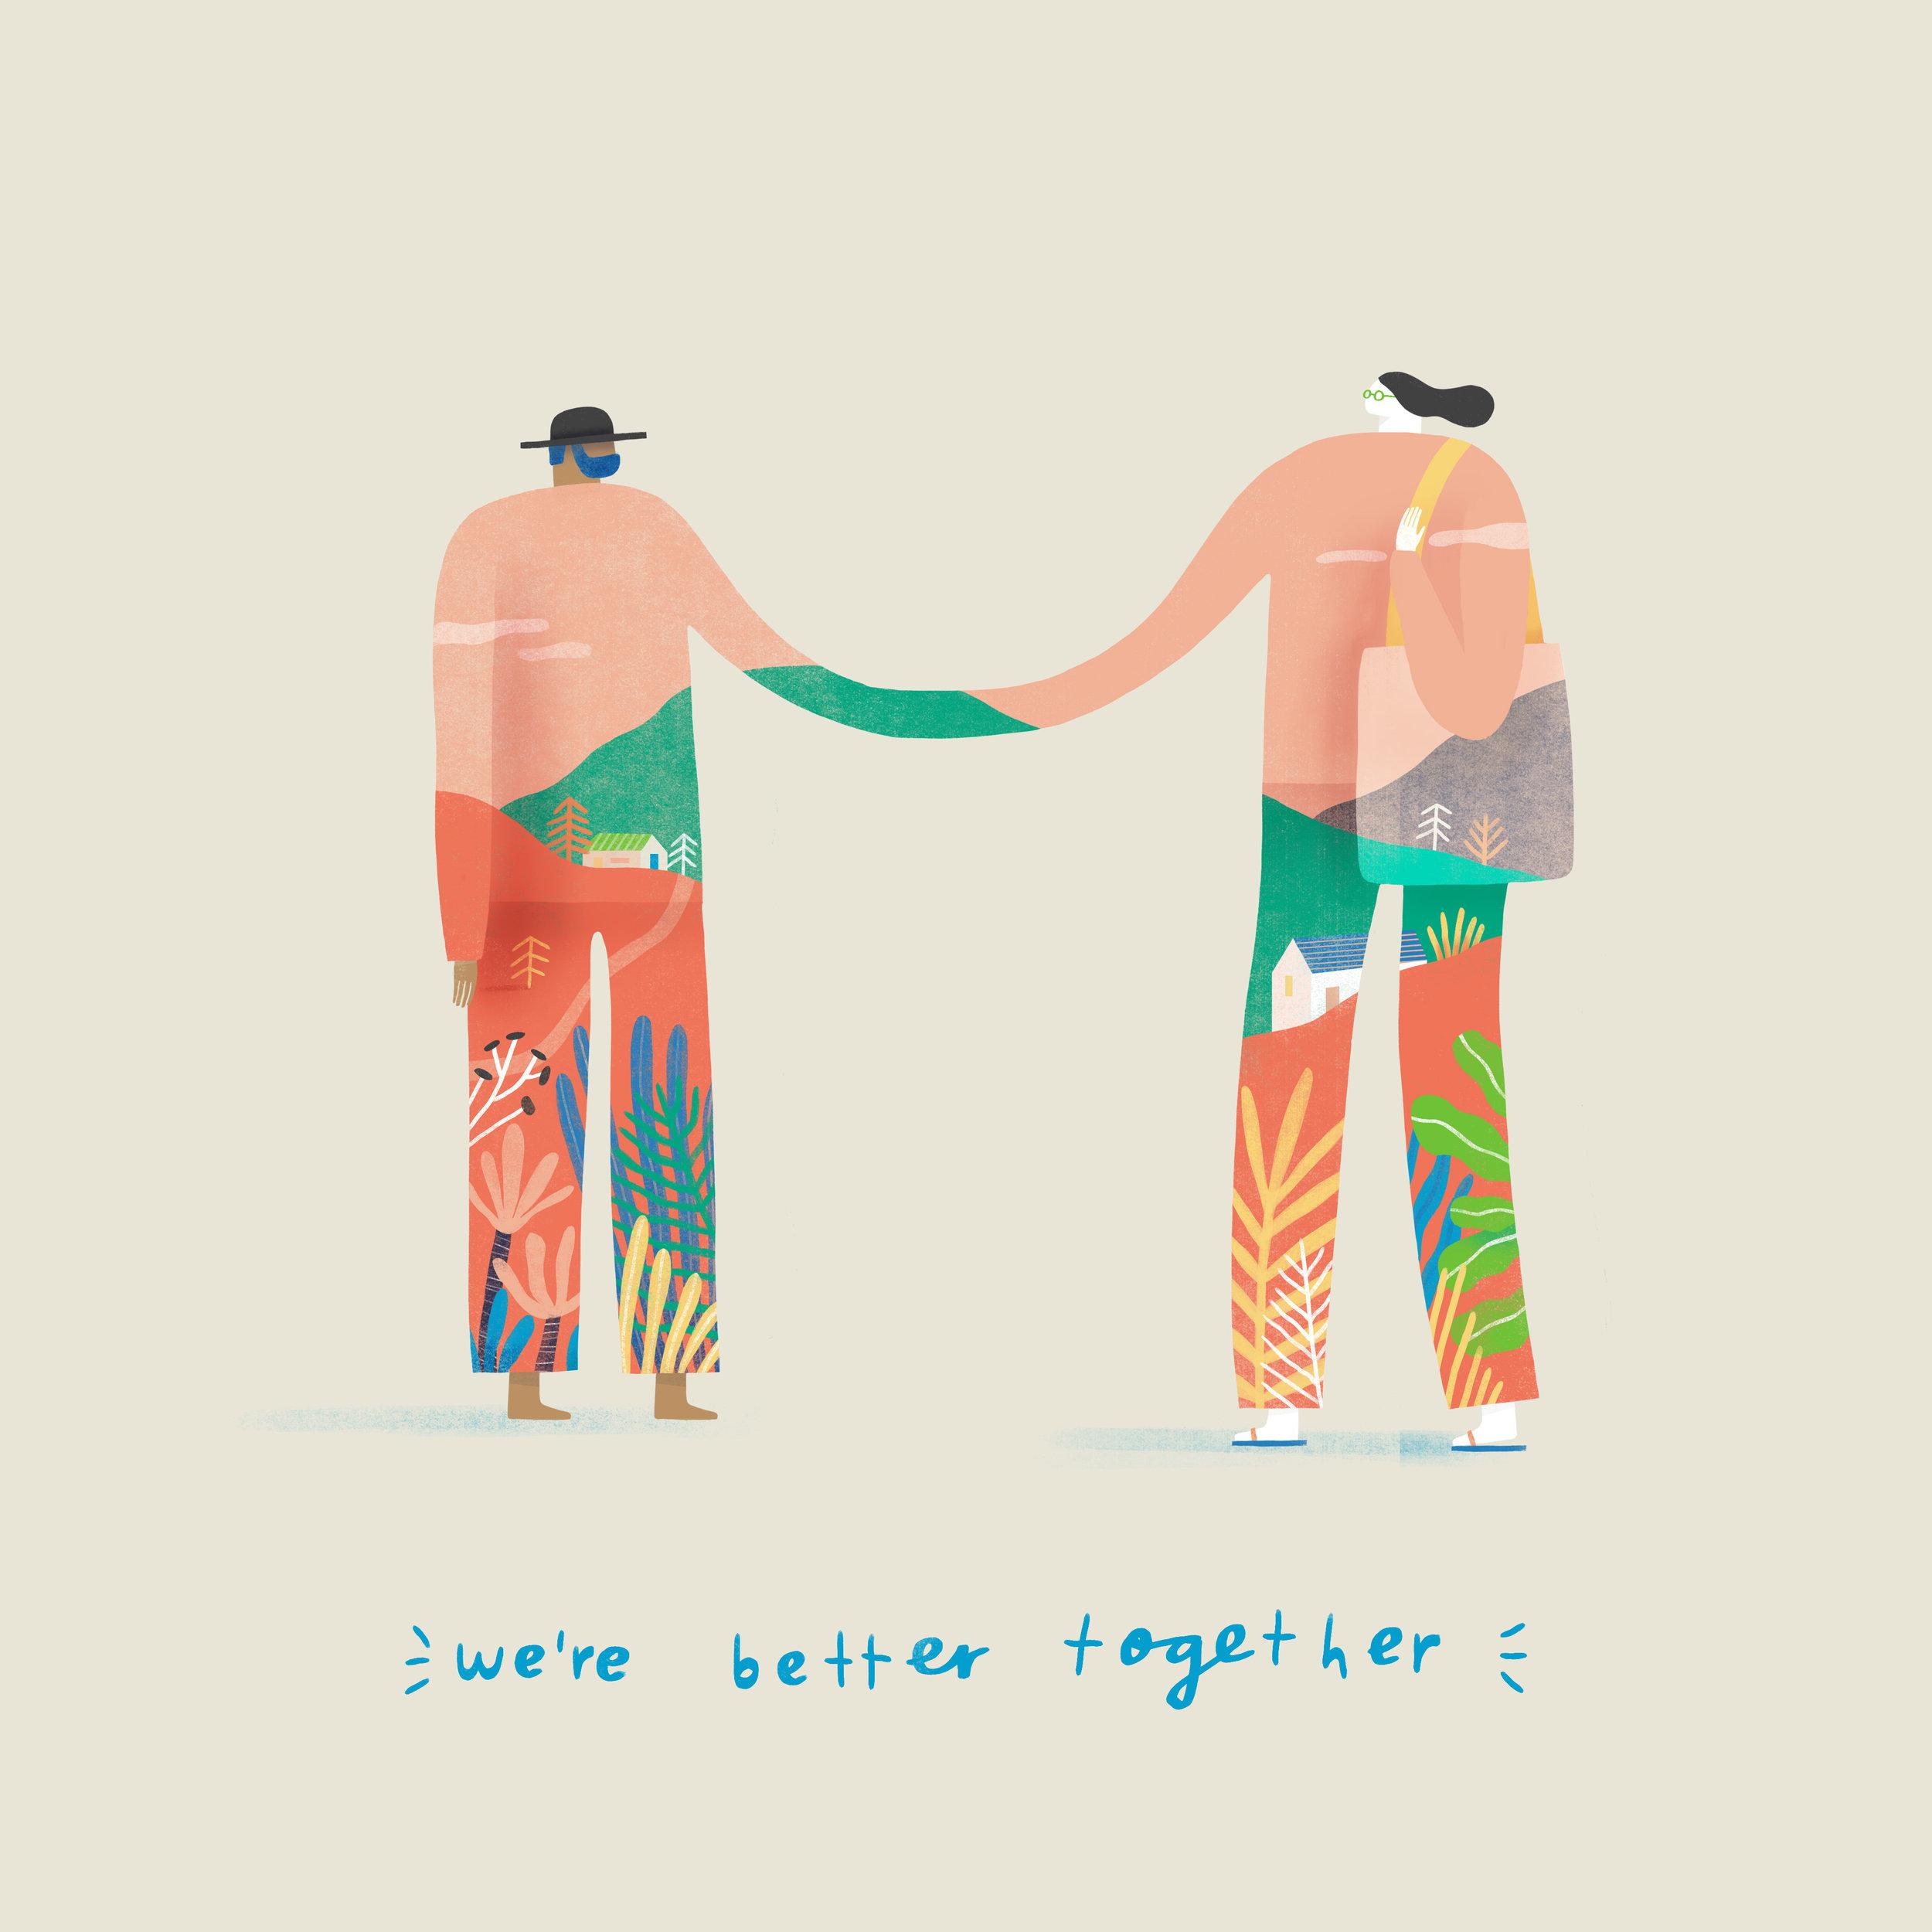 We_re better together2.jpg